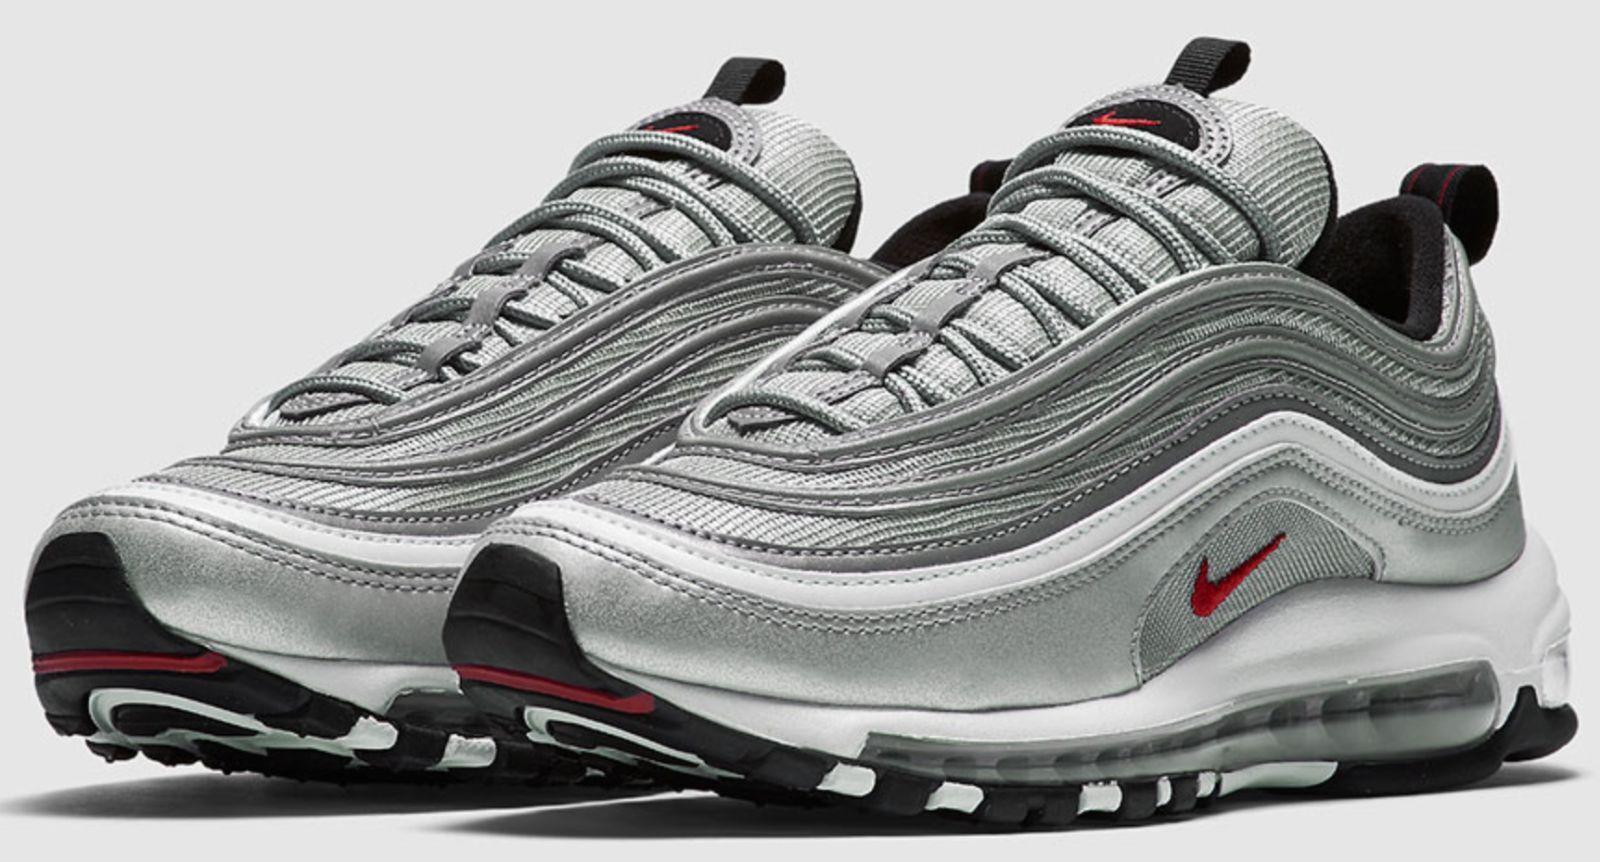 Nike air max 97 og qs argento metallico proiettile 884421-001 & gs autentico 5 - 13